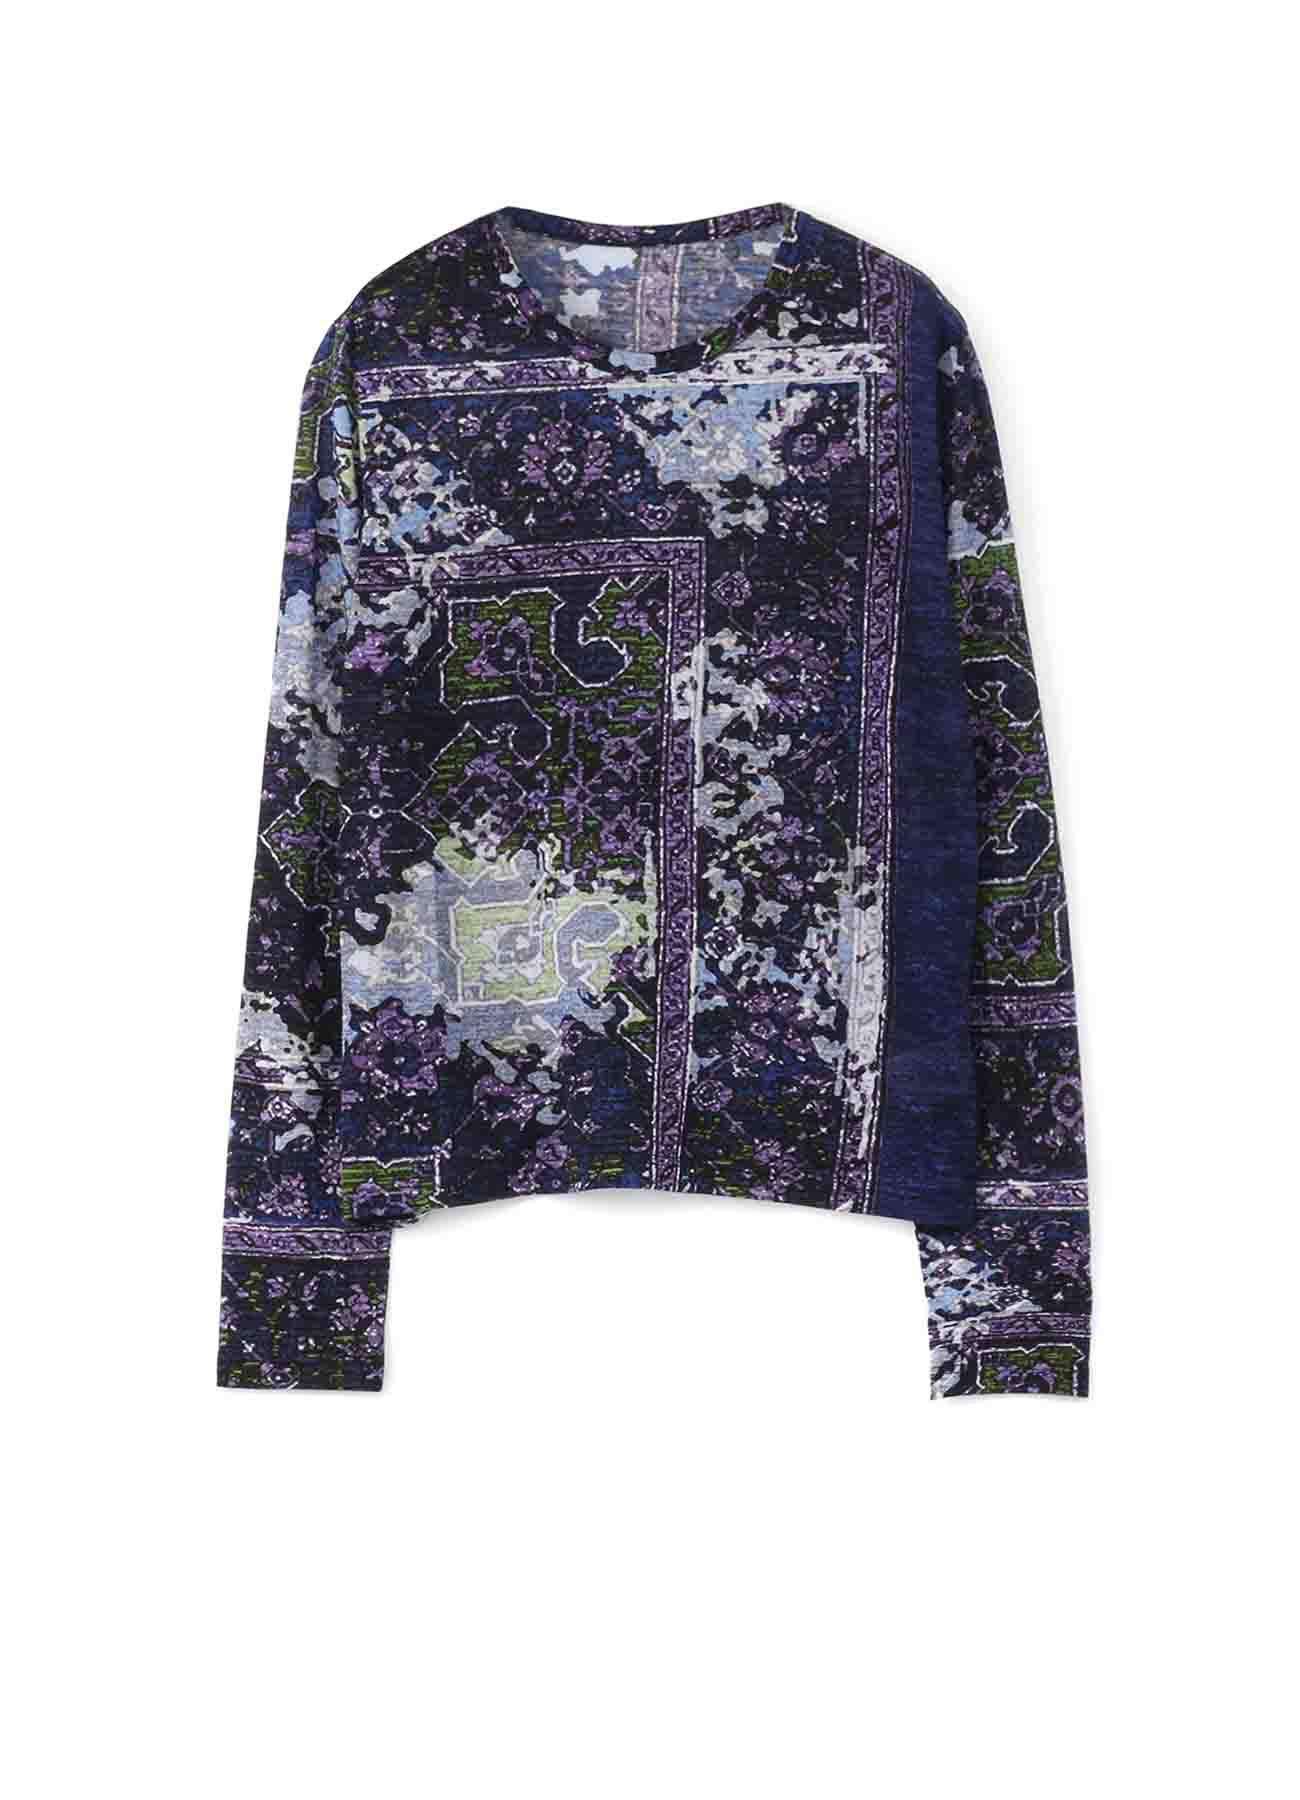 デジタル絨毯プリント天竺 丸首長袖Tシャツ